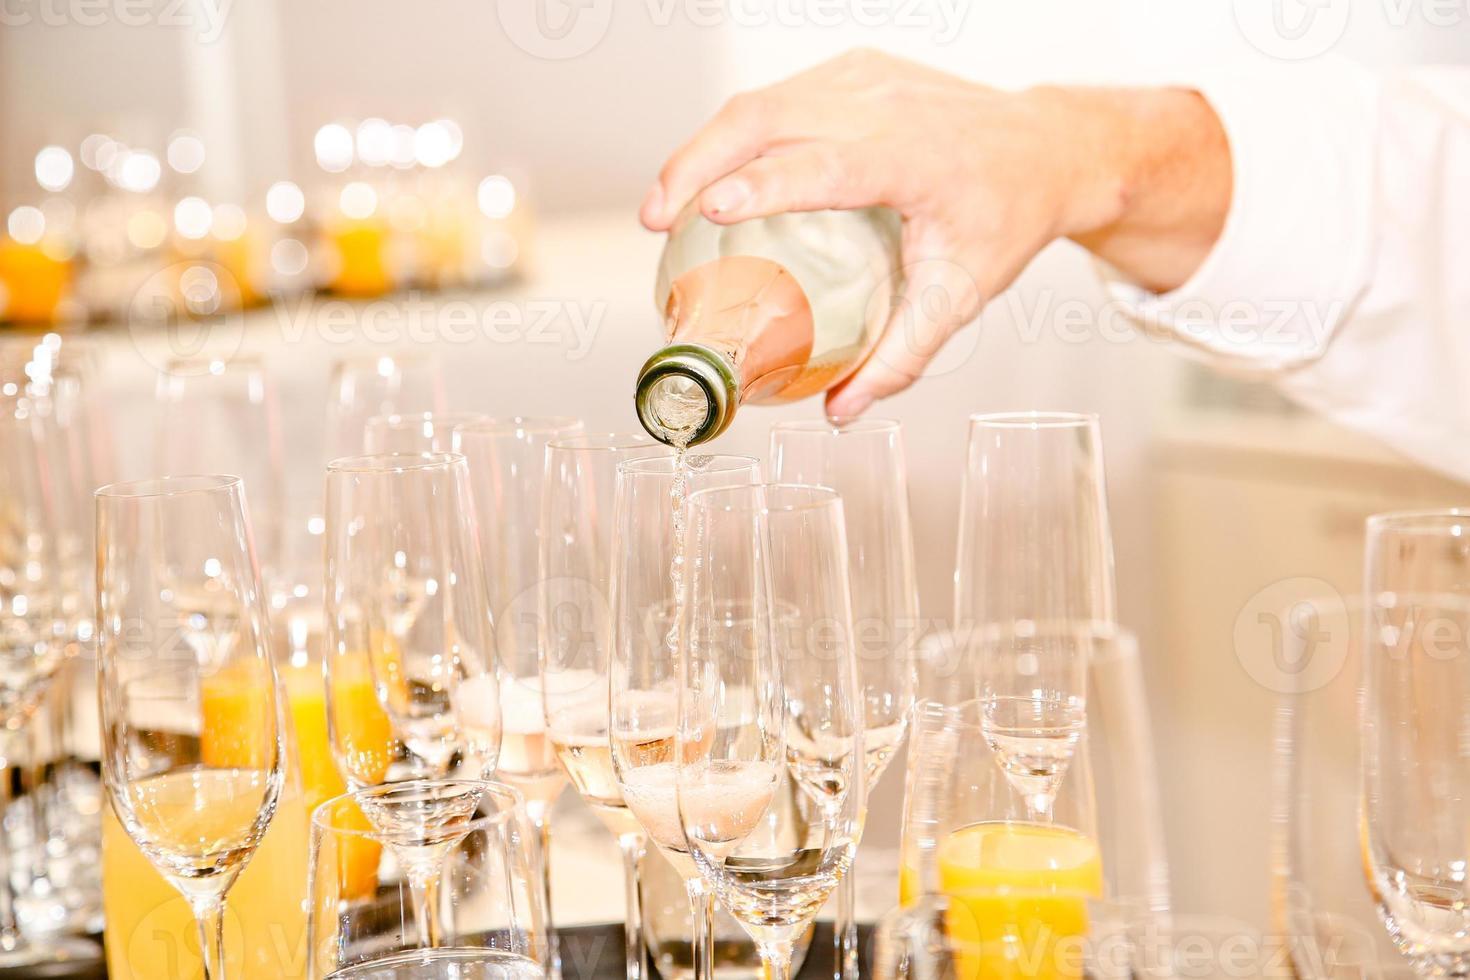 drankjes geserveerd door een ober foto